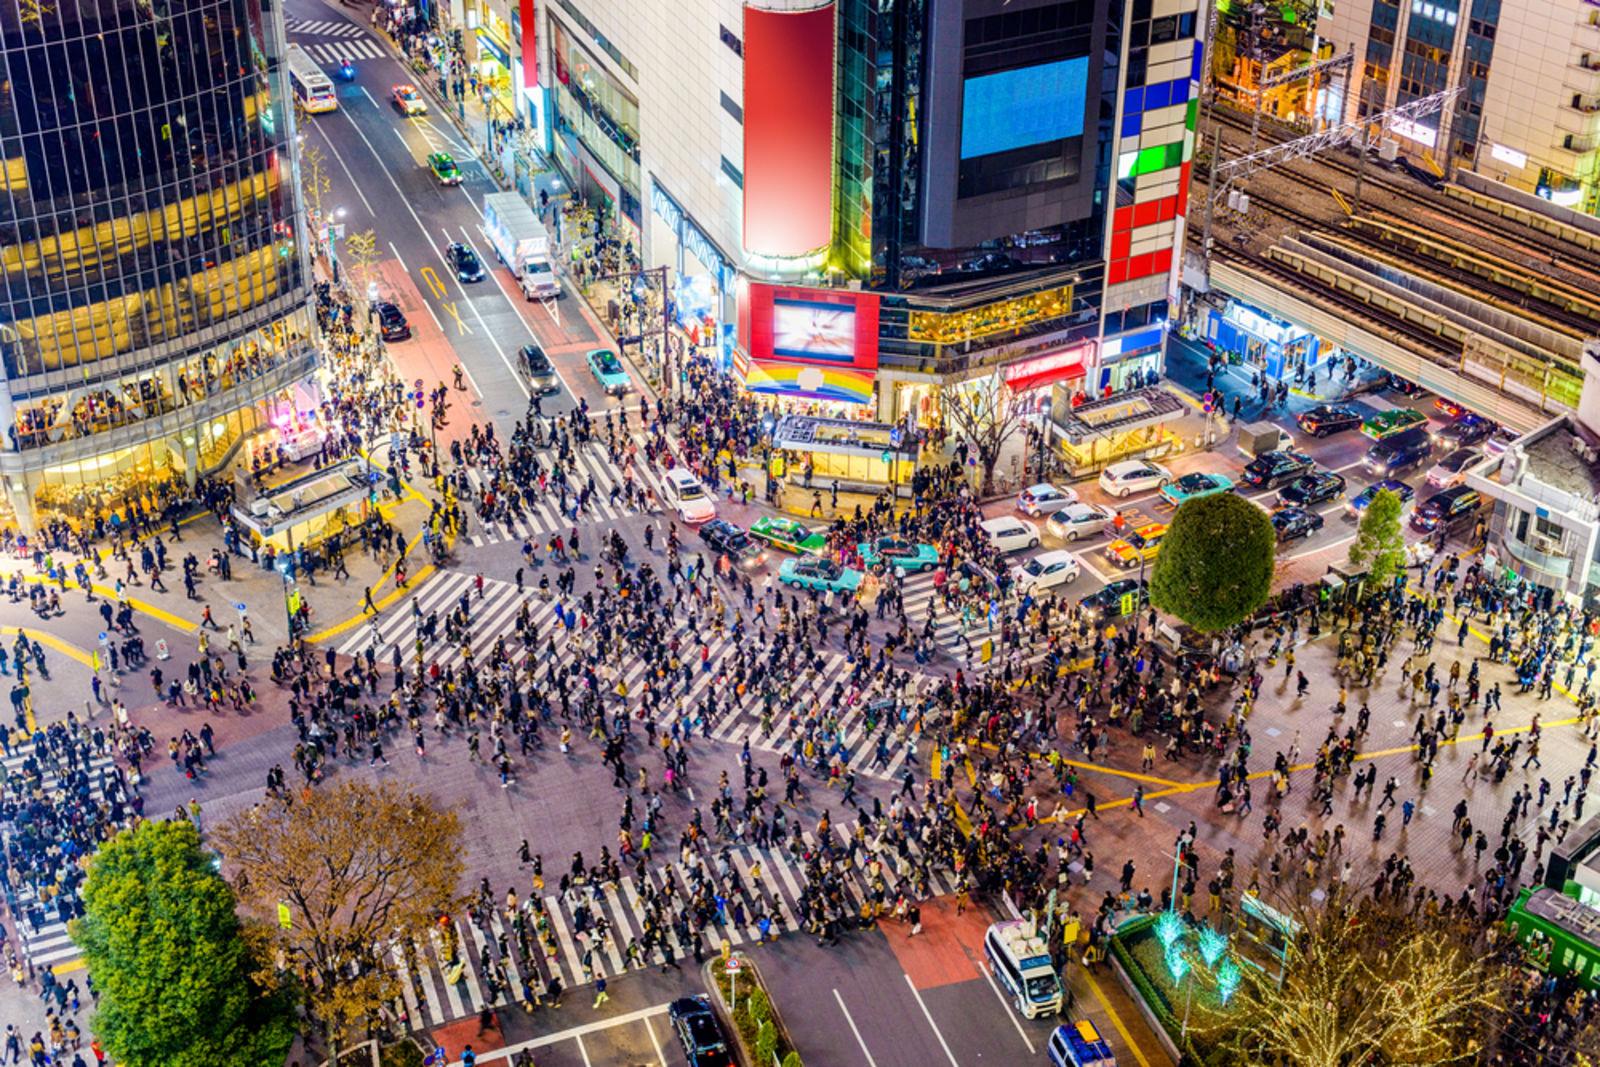 tokio, Tokyo, shibuya